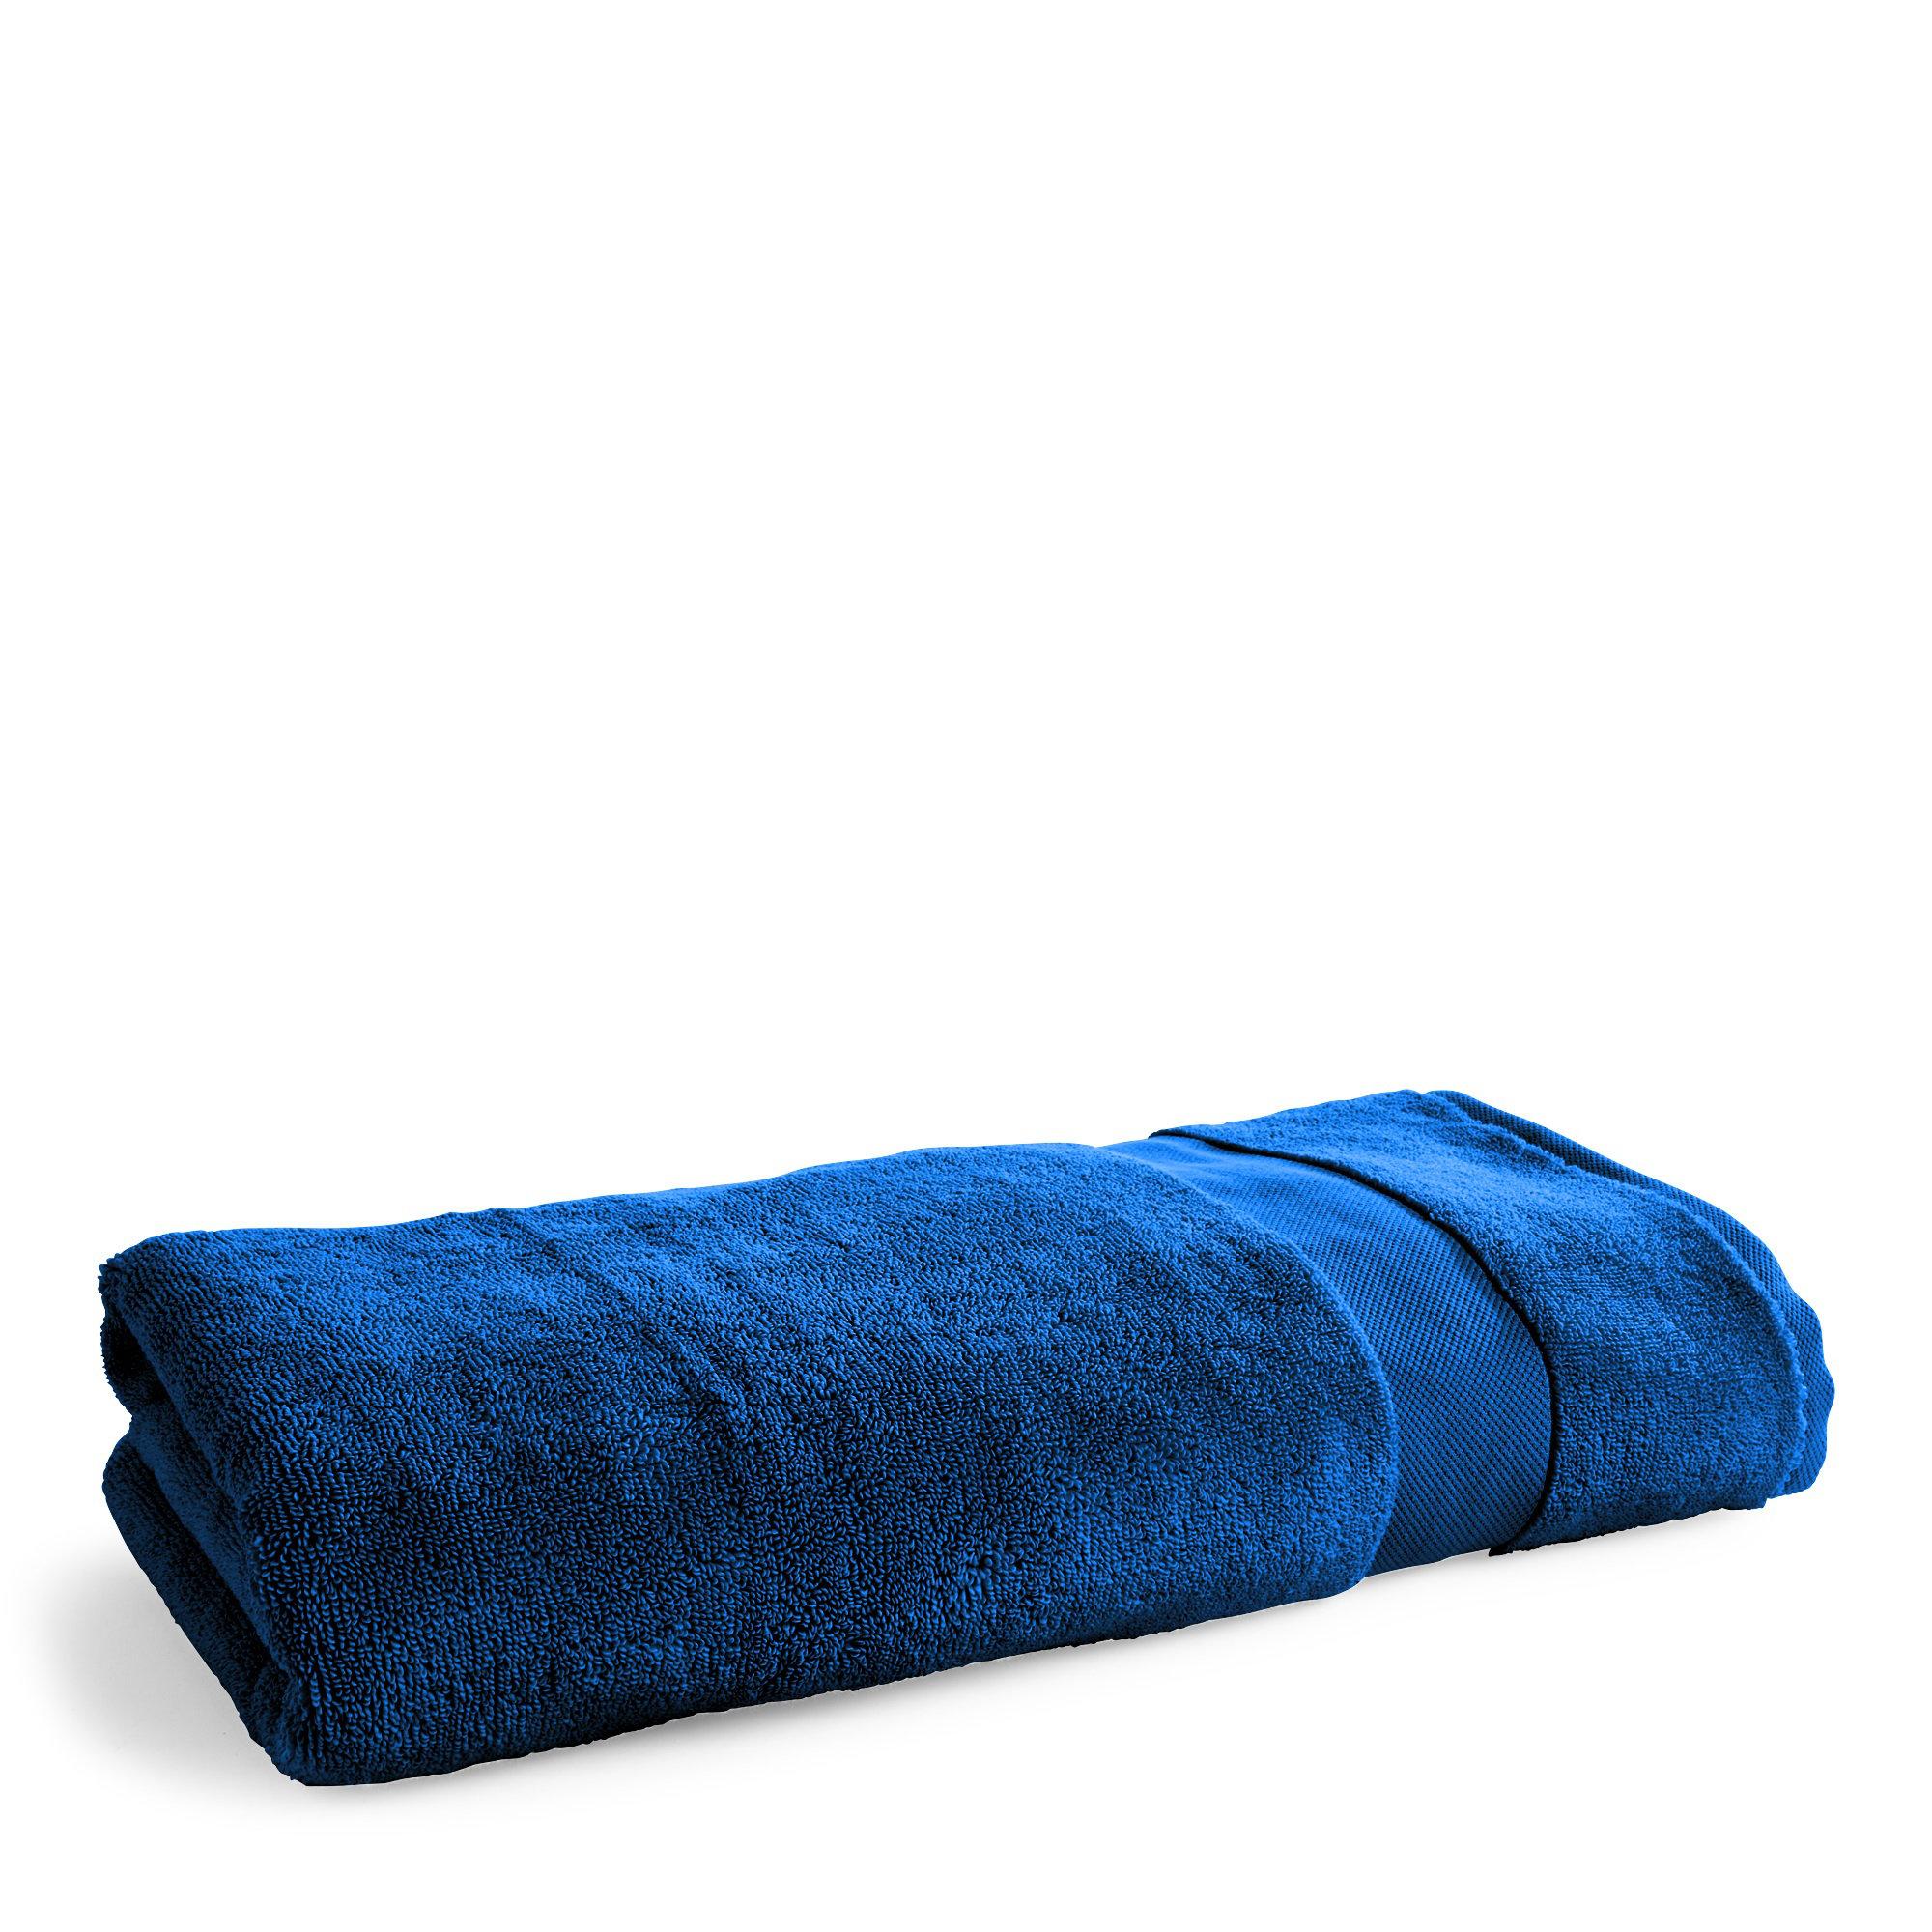 NEW Ralph Lauren Wescott Bath Towel Collection 100/% Plush Cotton